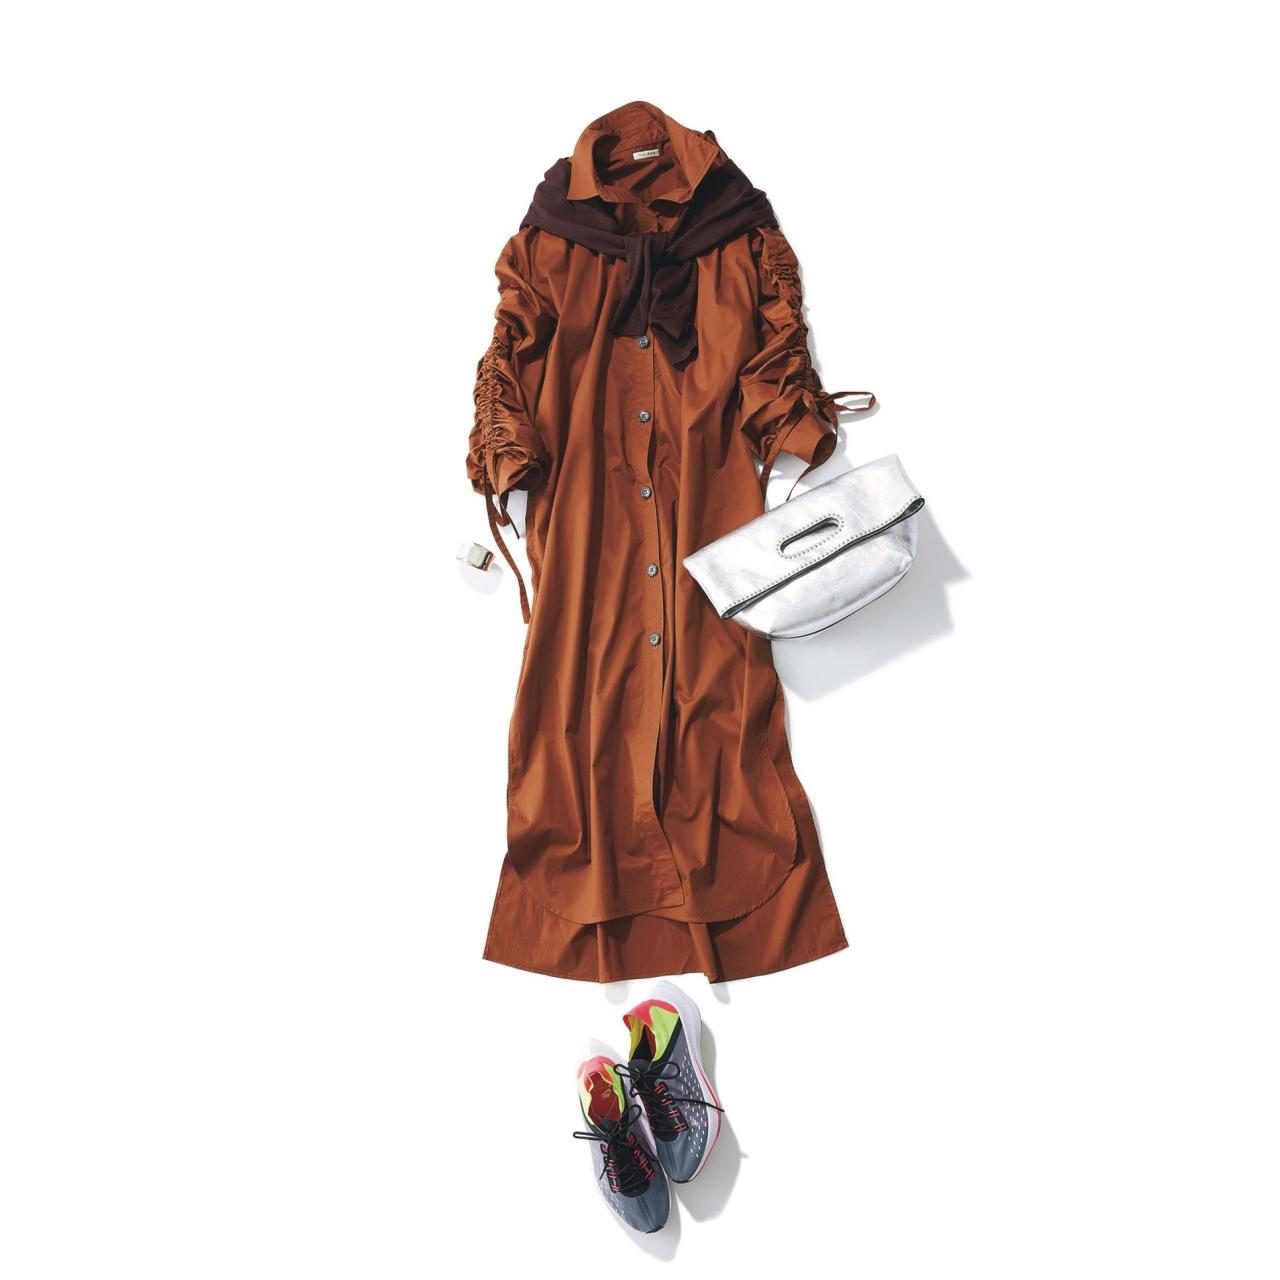 2018年秋冬 人気ファッションコーデランキング19位